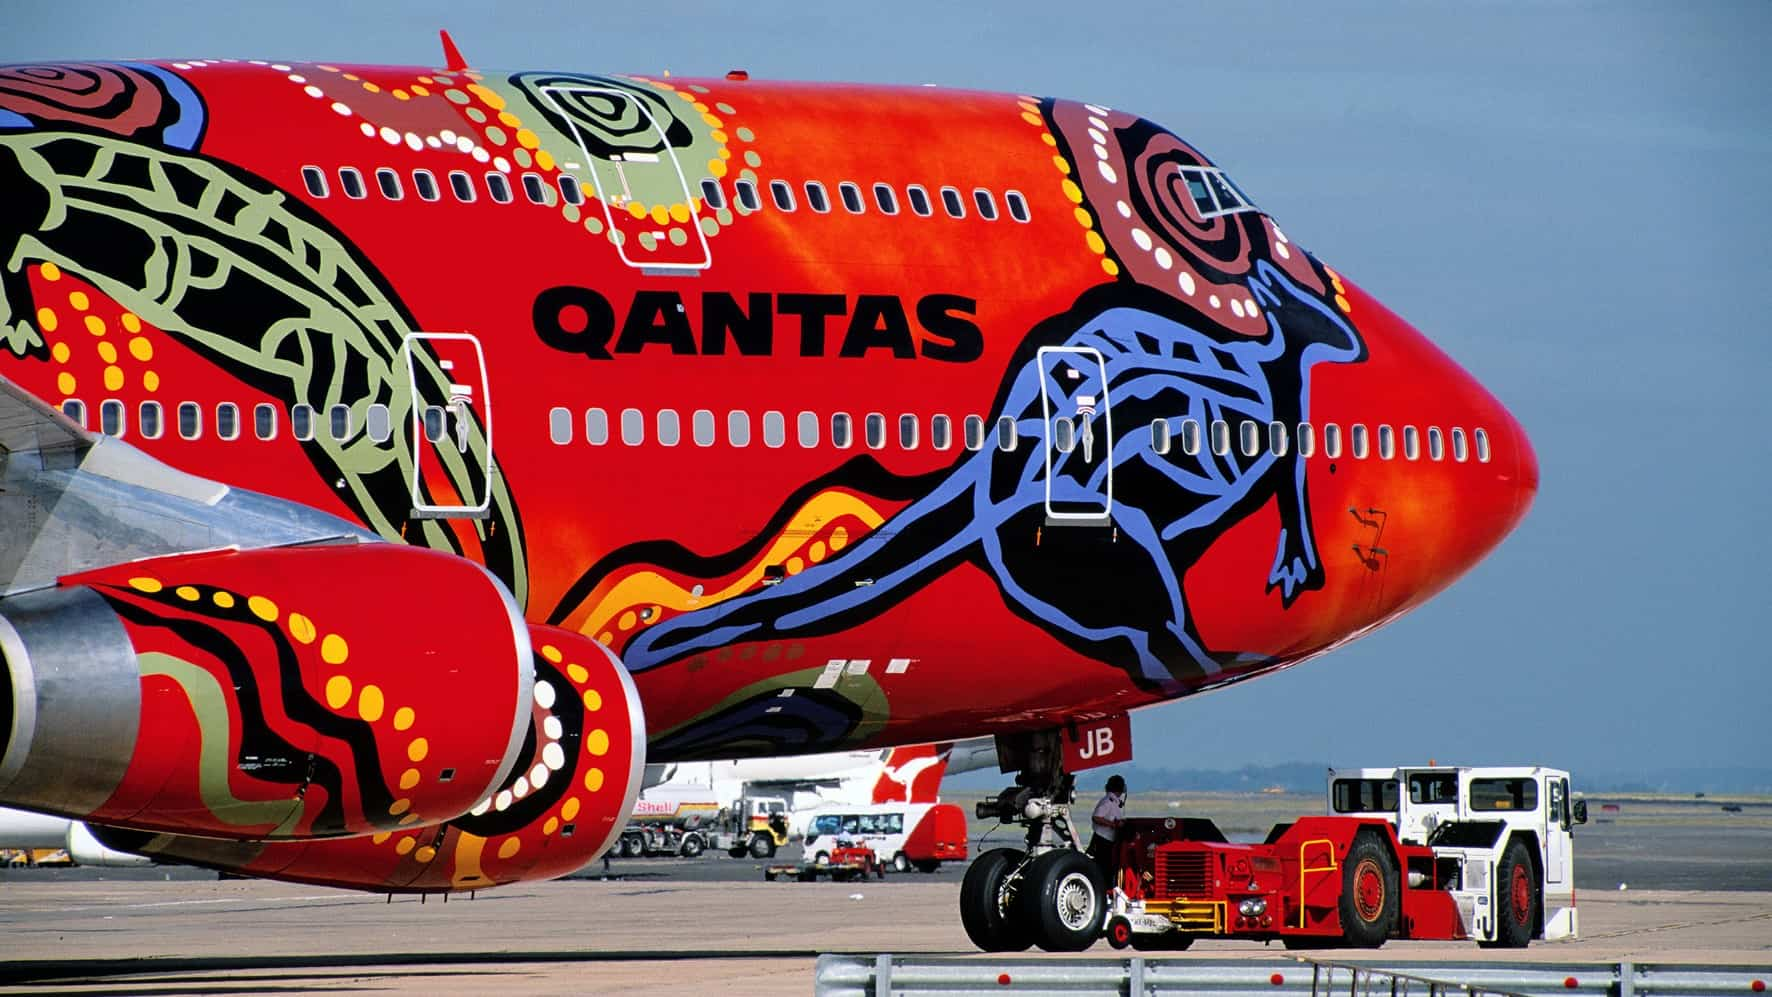 nose of Qantas plane WUNALA